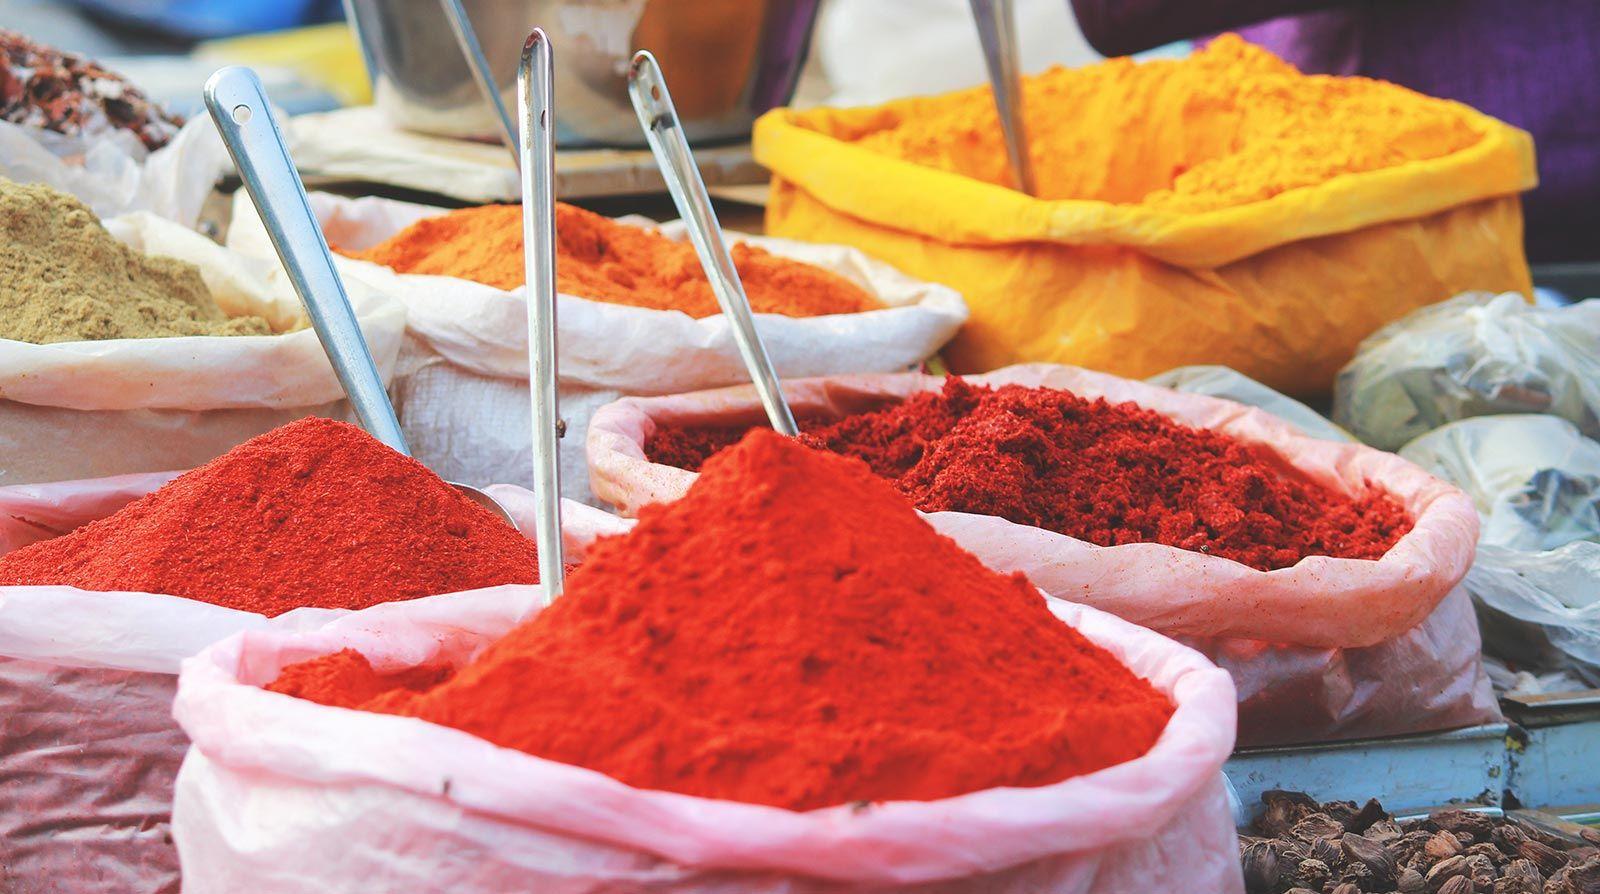 Spezie Marocchine Per Tajine.Le Spezie Marocchine Scopriamole Emporio Delle Spezie